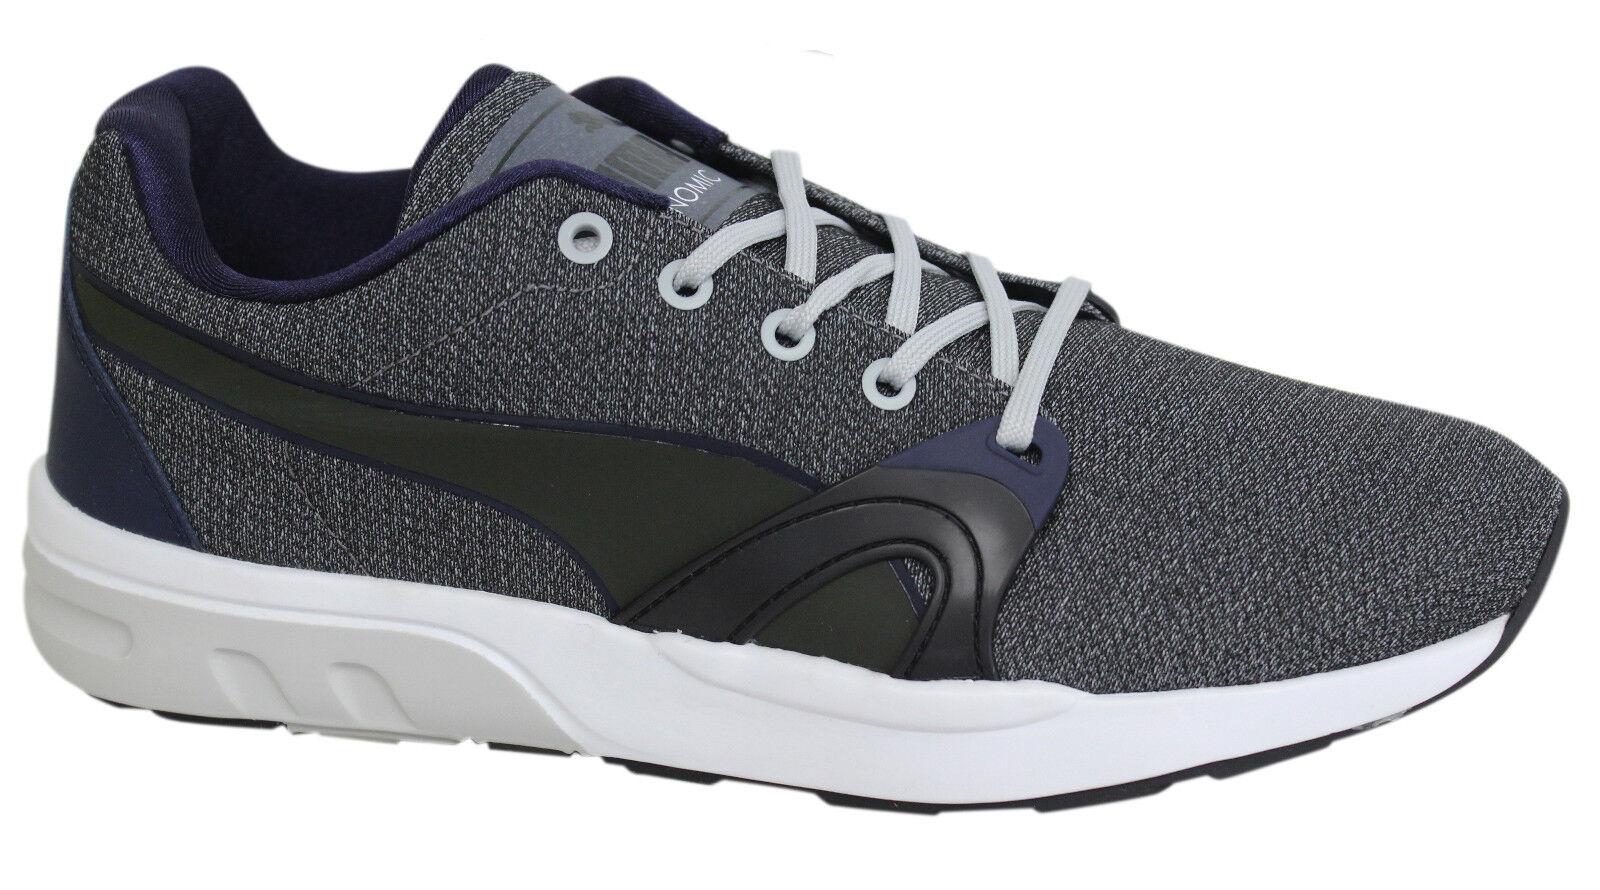 Puma Trinomic XT S Homme Gris Bleu Marine à Lacets Baskets Chaussures De Course 359728 03 D104